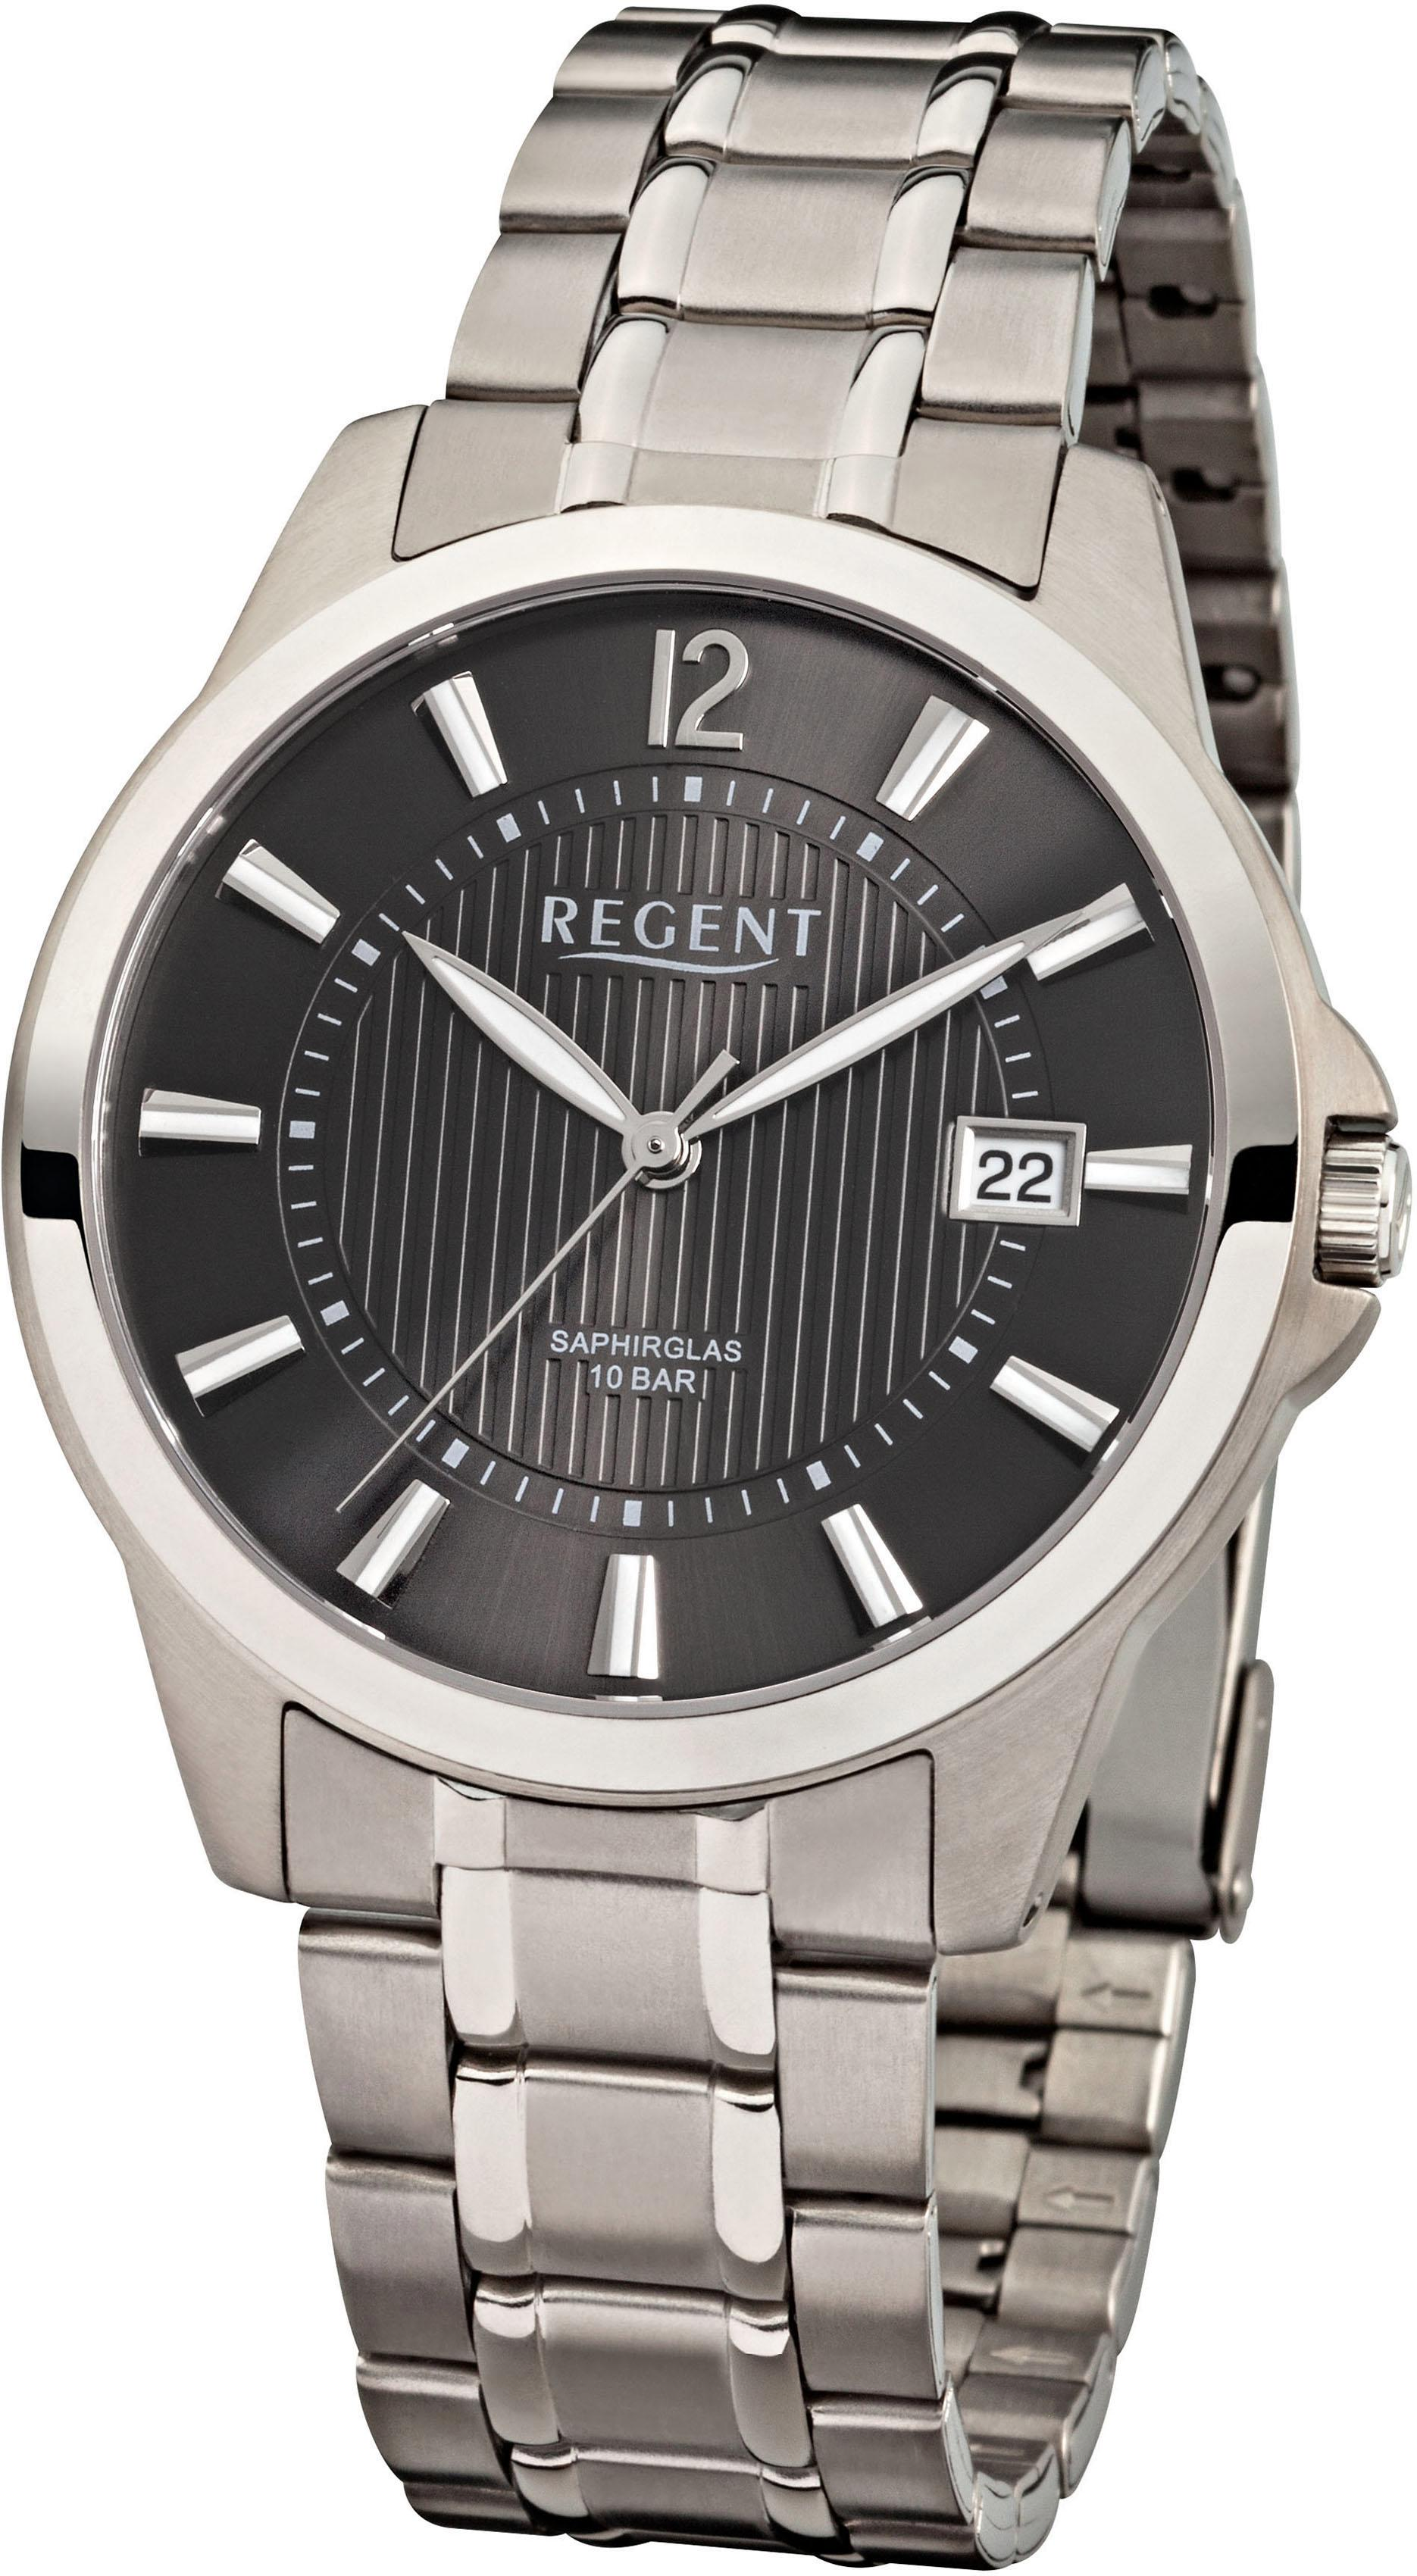 Regent Titanuhr »1768.90.95, F555« | Uhren > Titanuhren | Regent